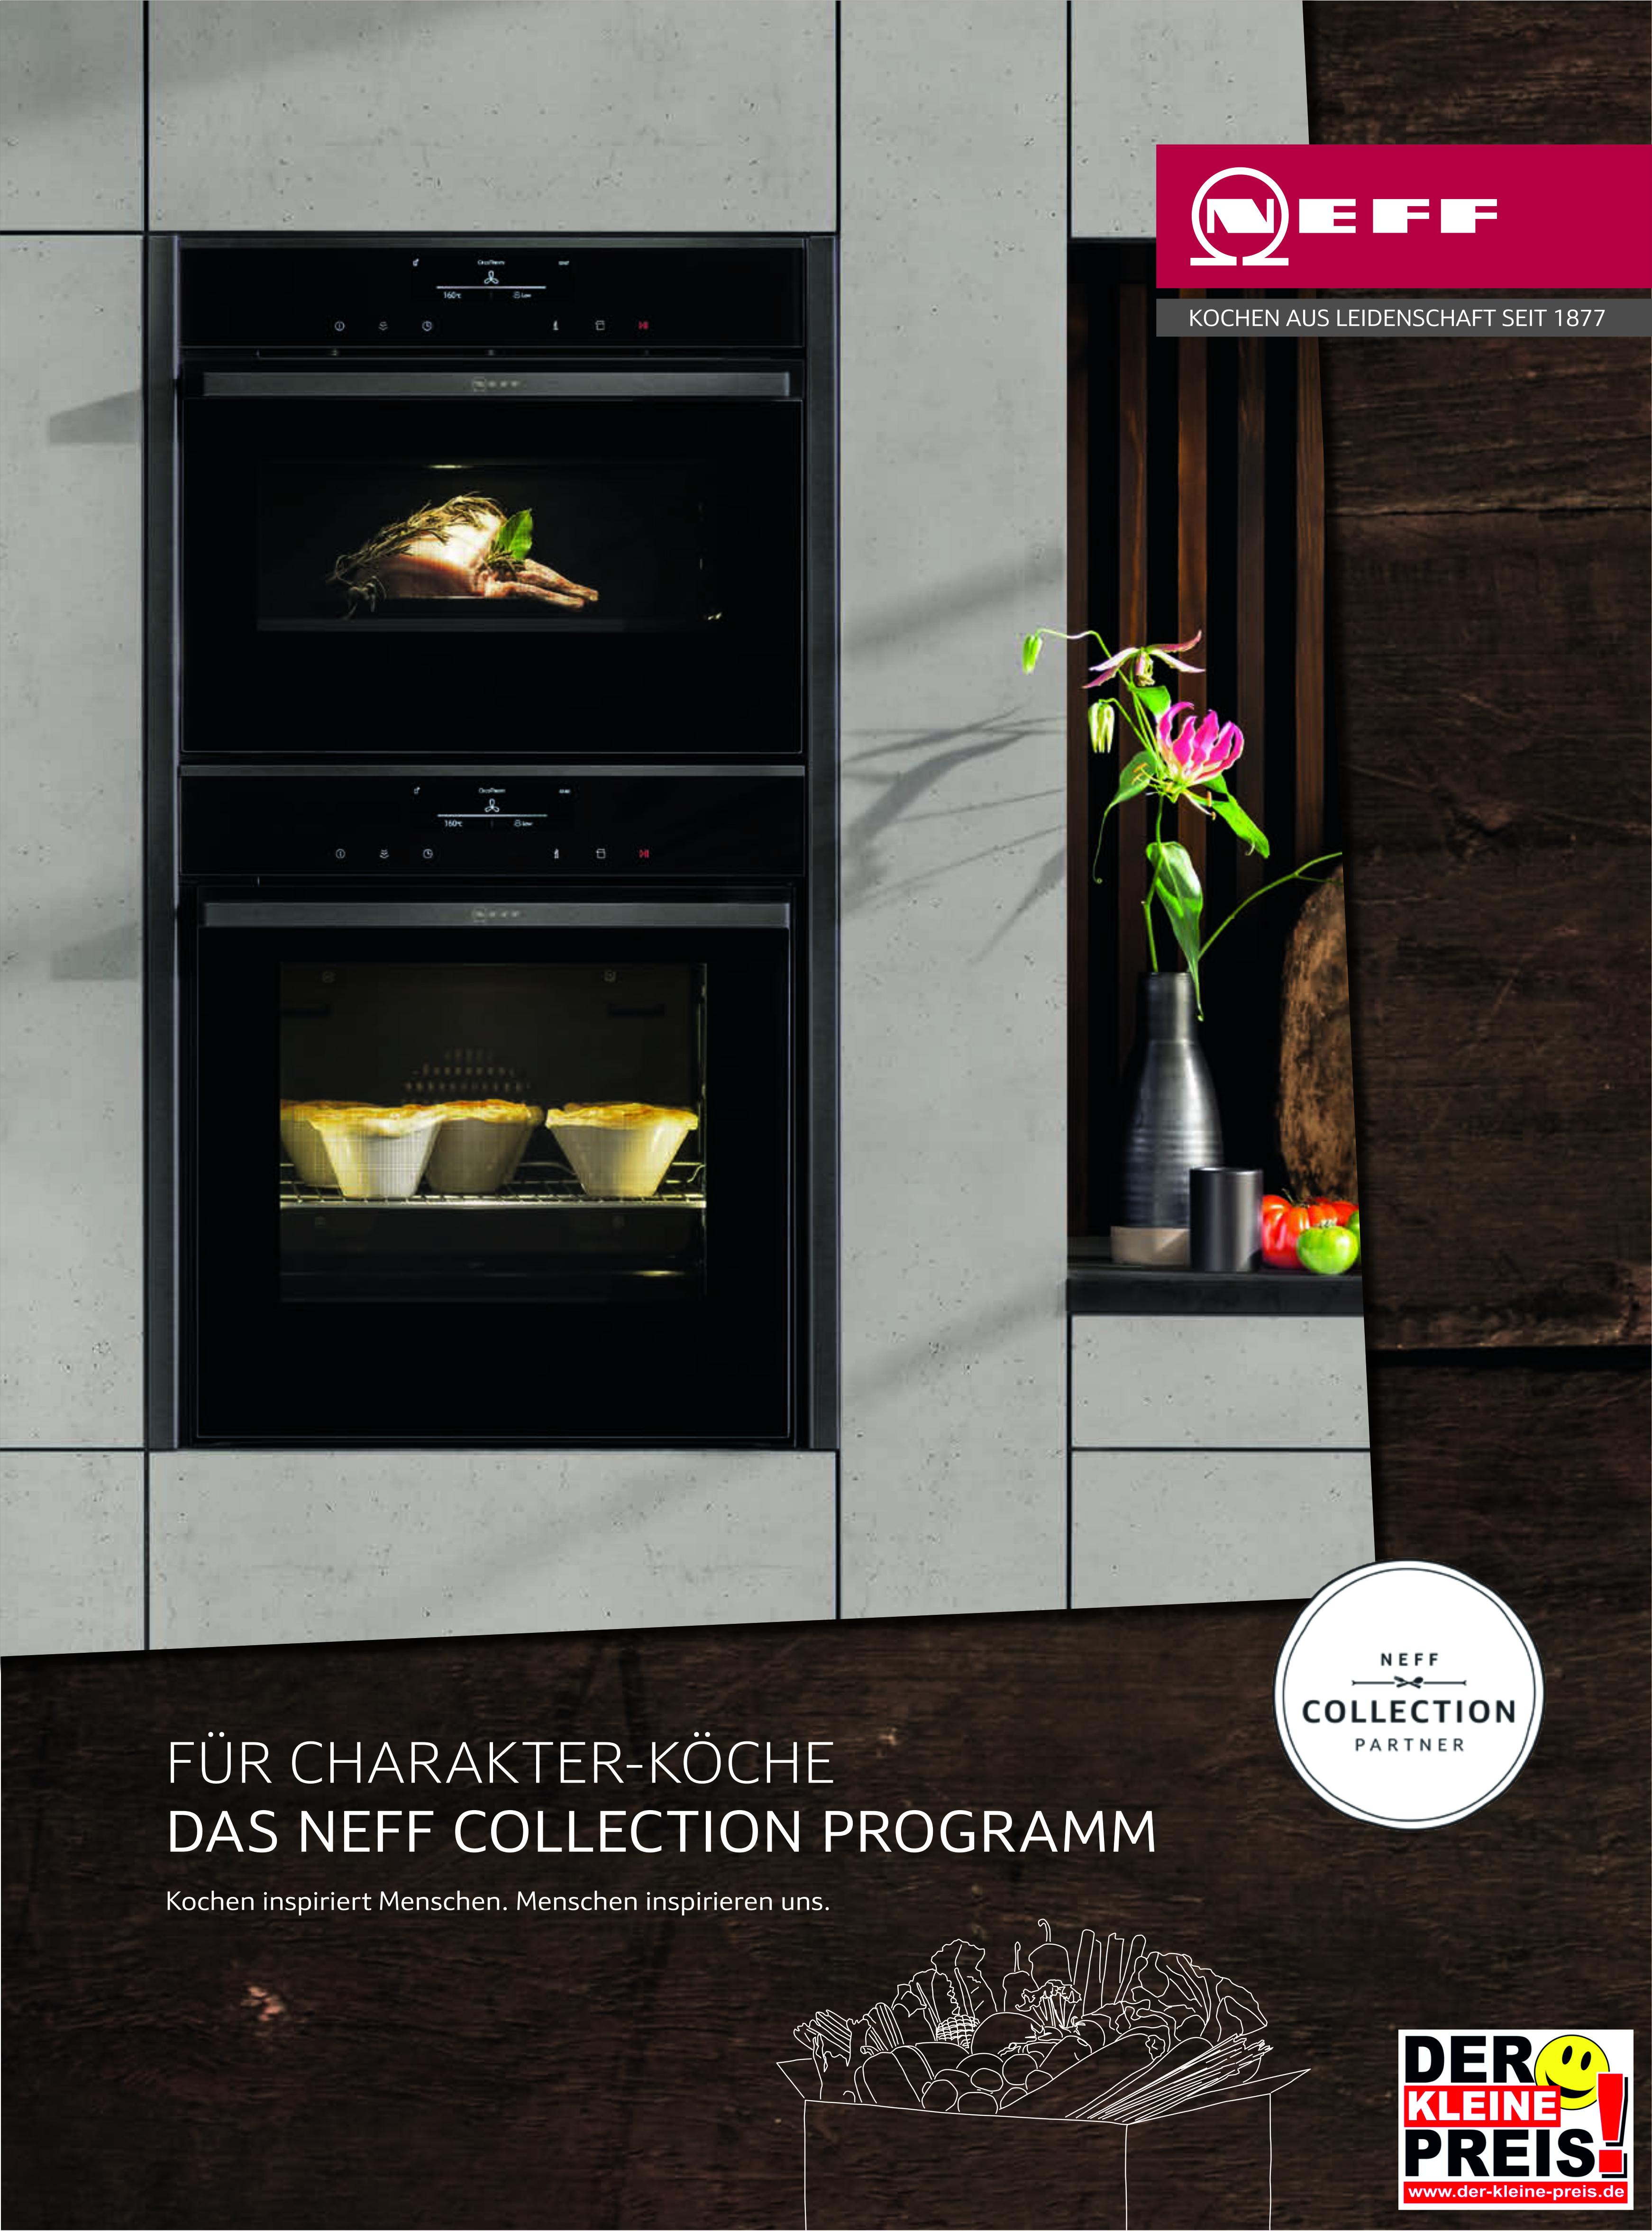 Neff_Collection_2021_dYn4i3VJVz1OZm